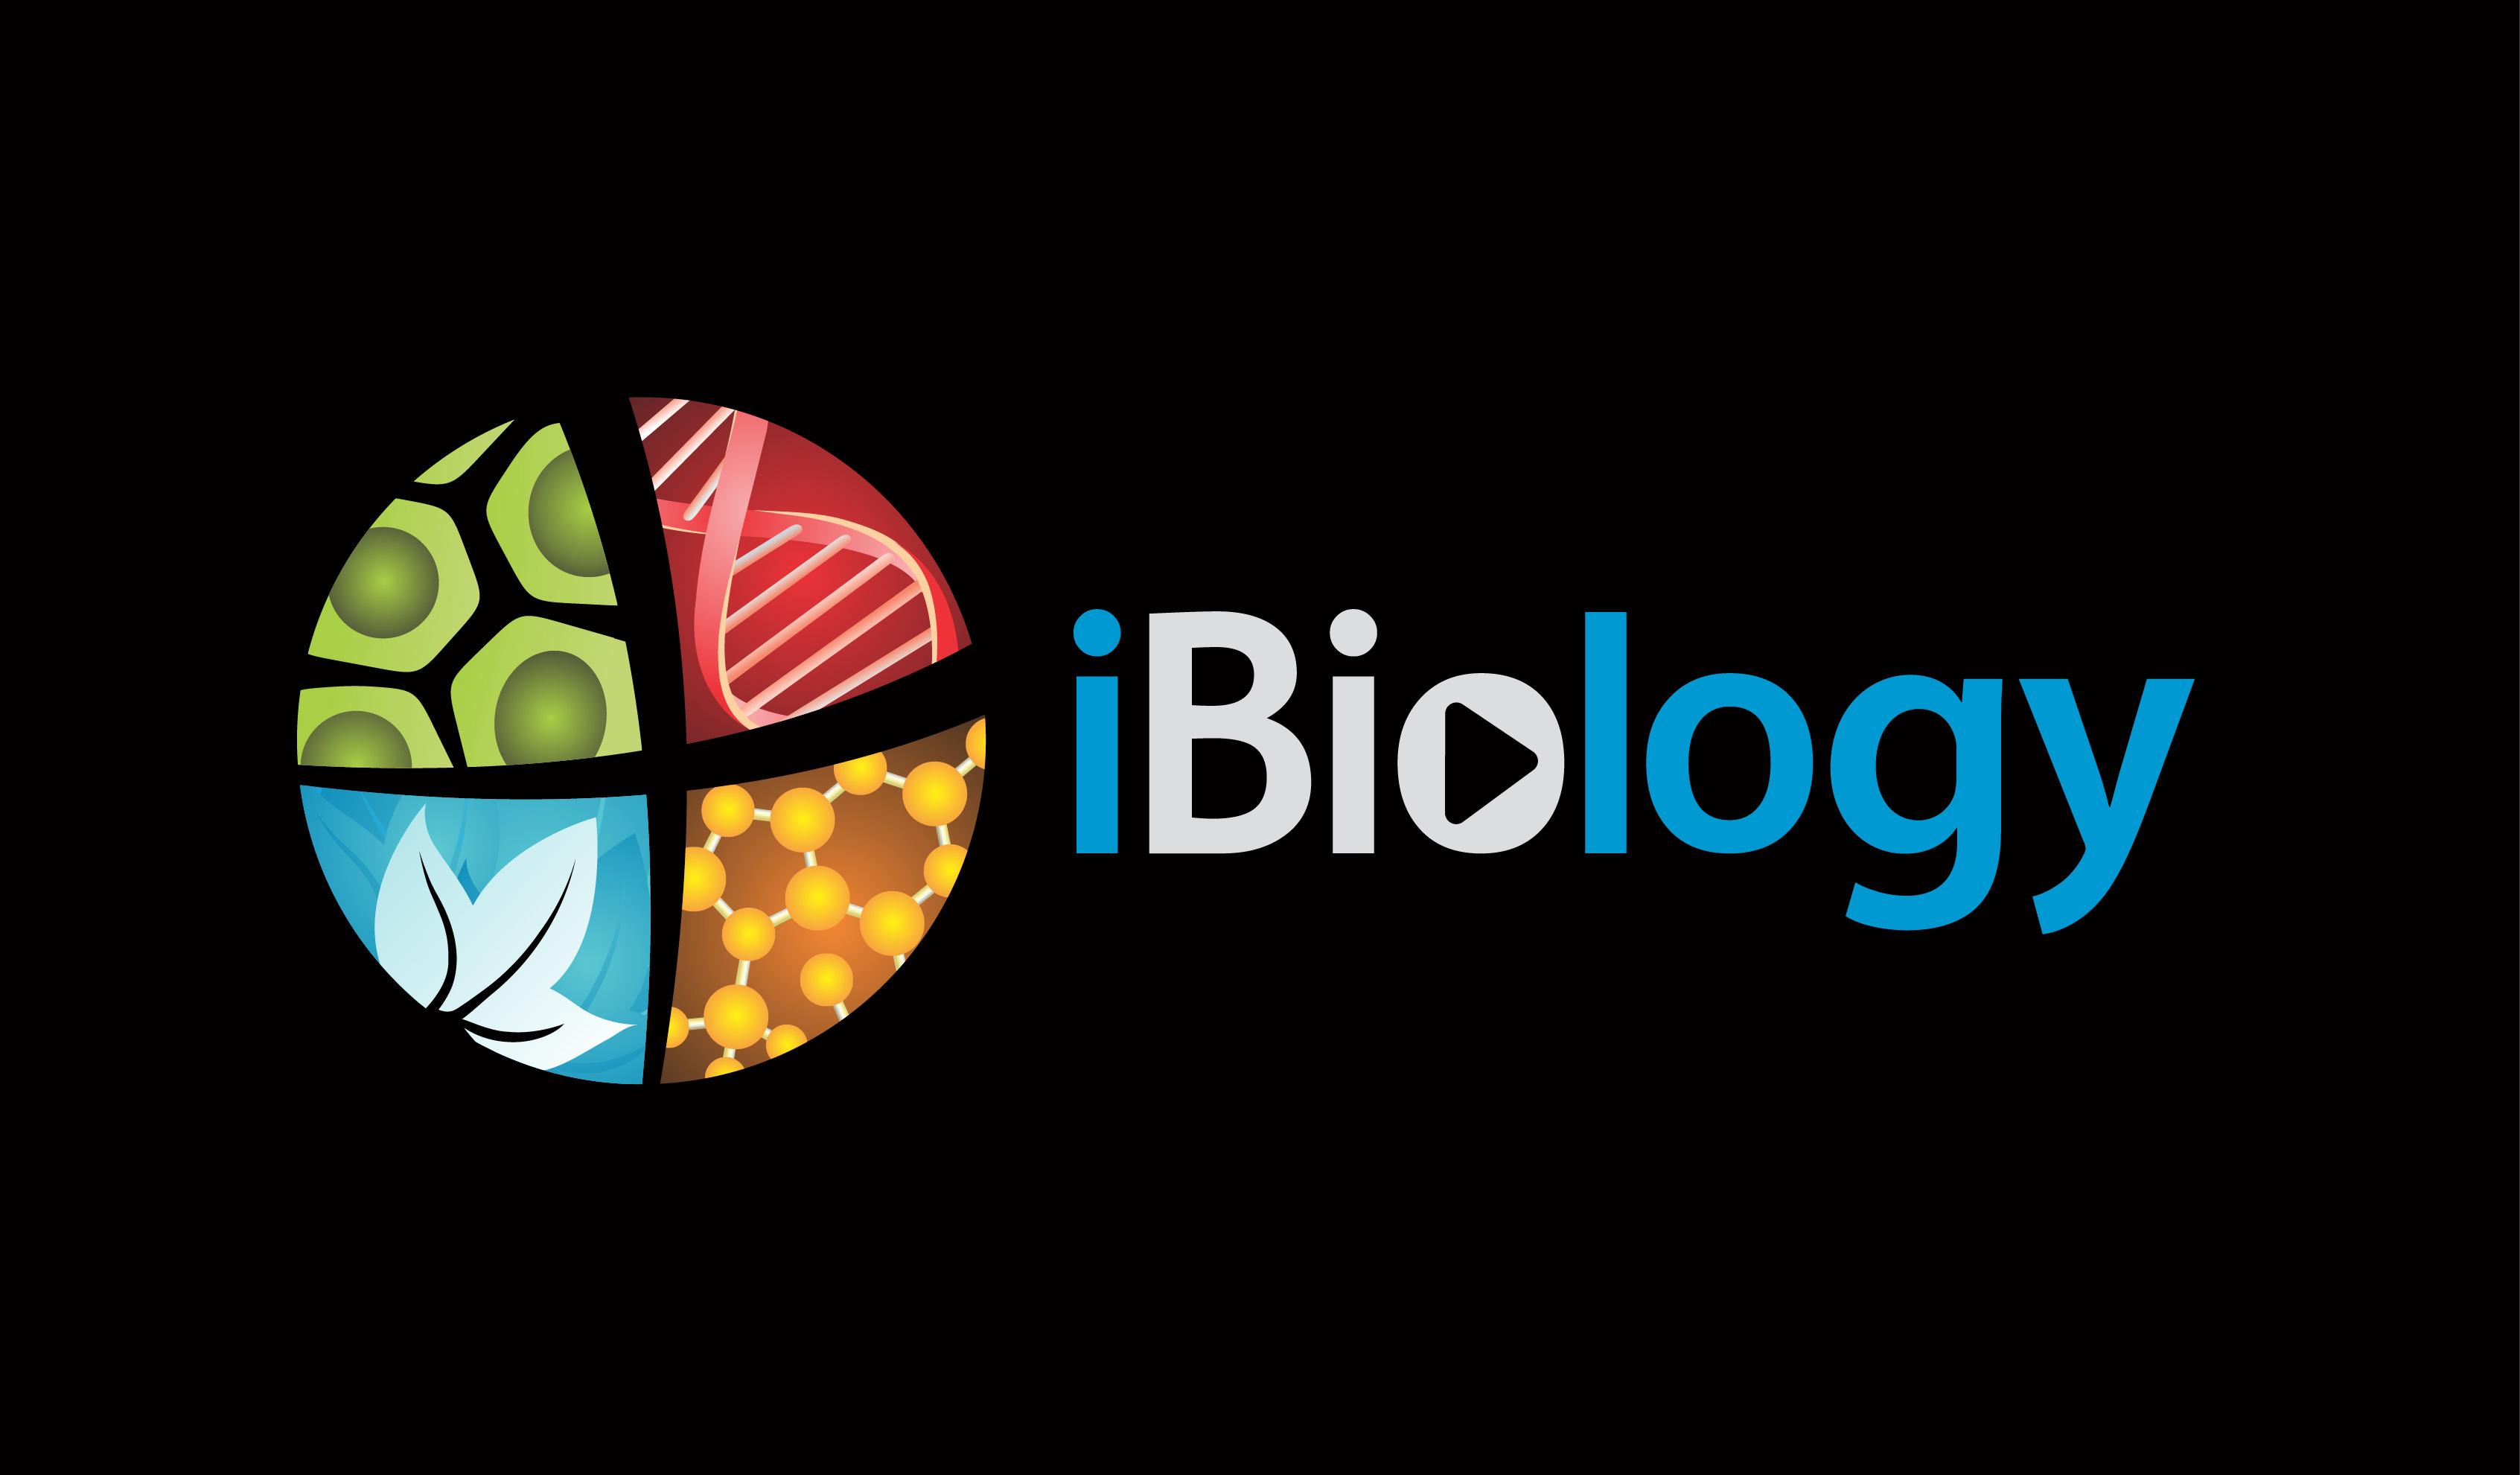 _ibiology_logo.jpg